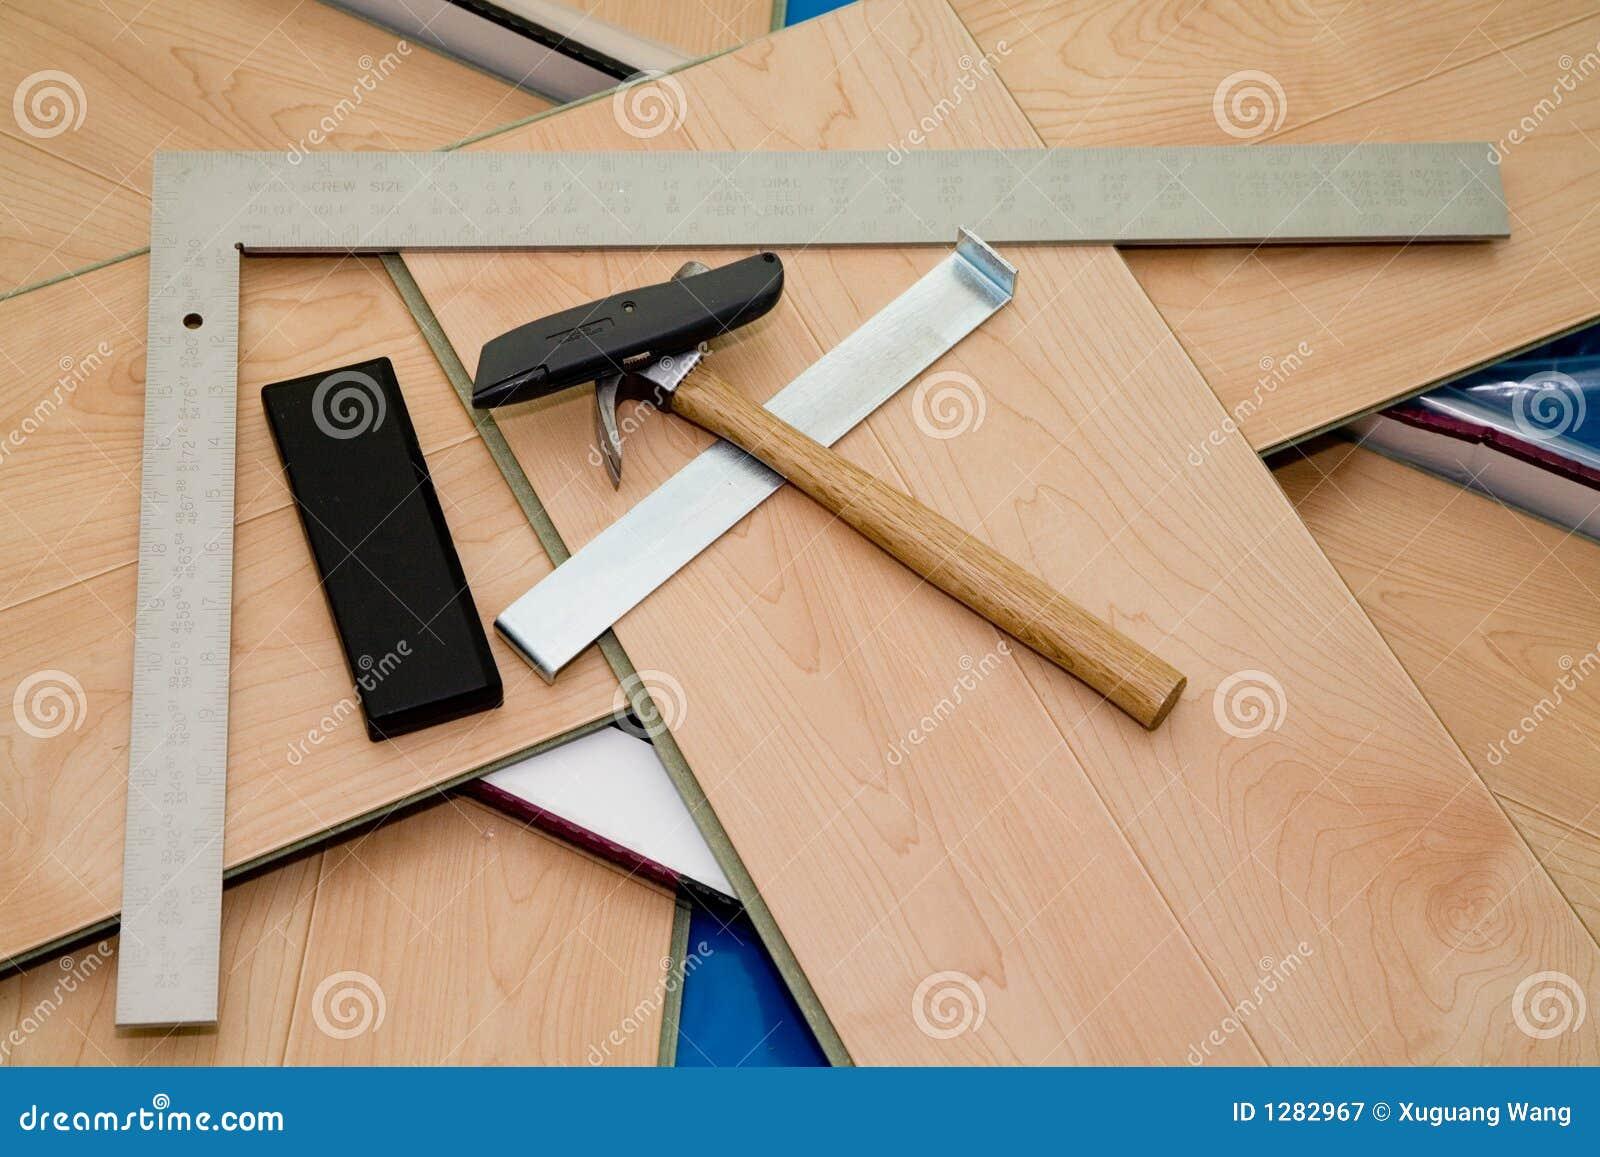 Diy podłogi laminata narzędzia wykorzystywane projektu